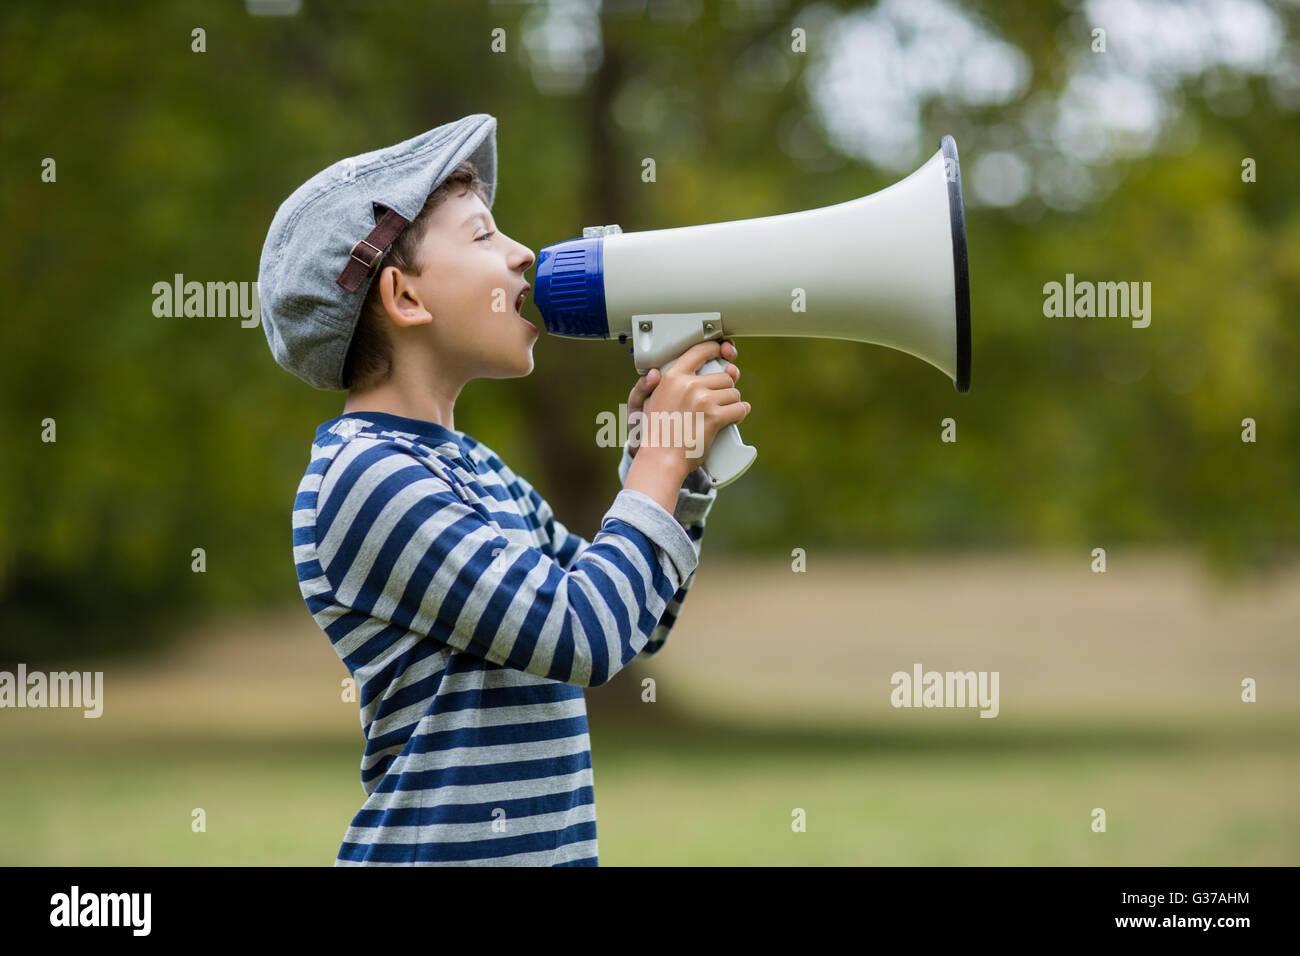 Parlando del ragazzo sul megafono Immagini Stock